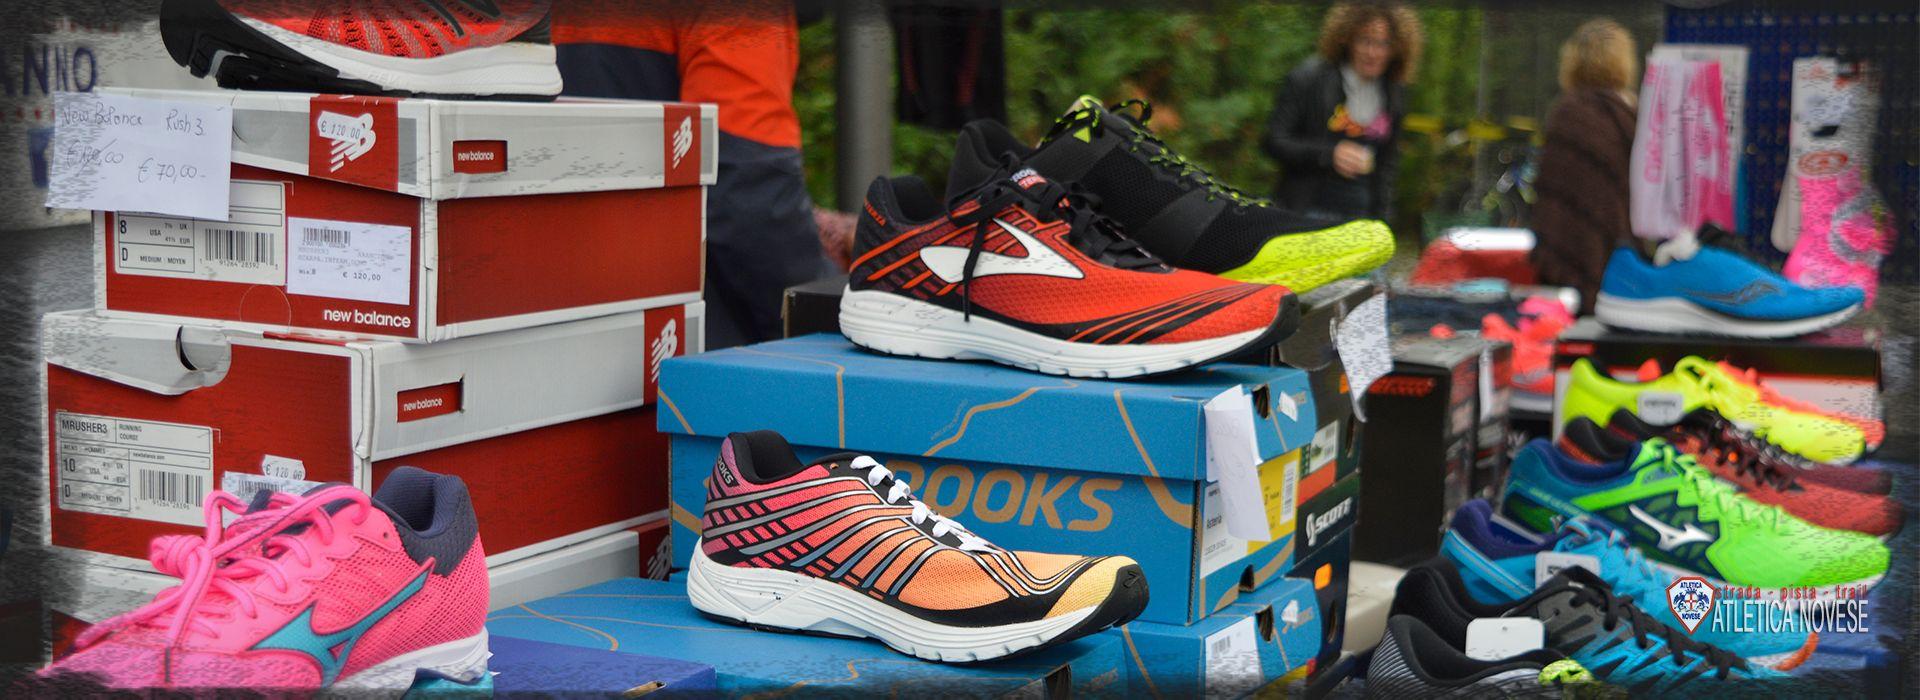 scarpe_risultato